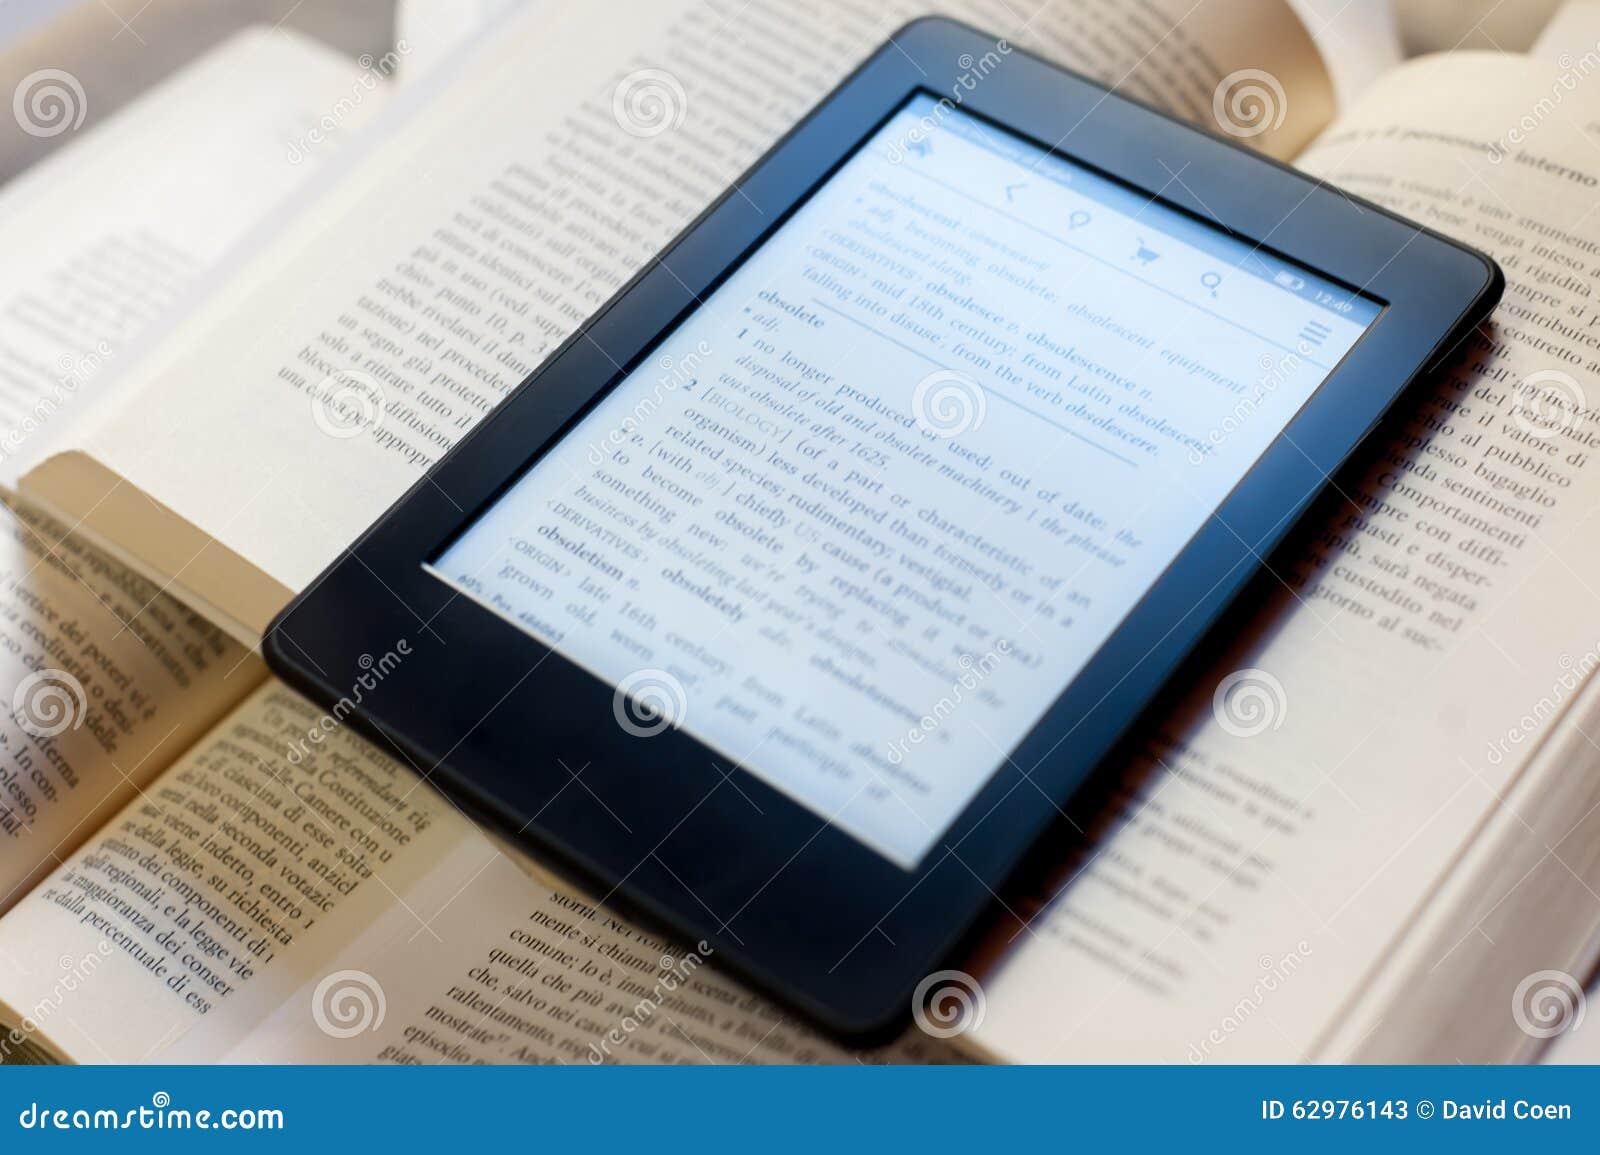 Bücher und ebook Leser